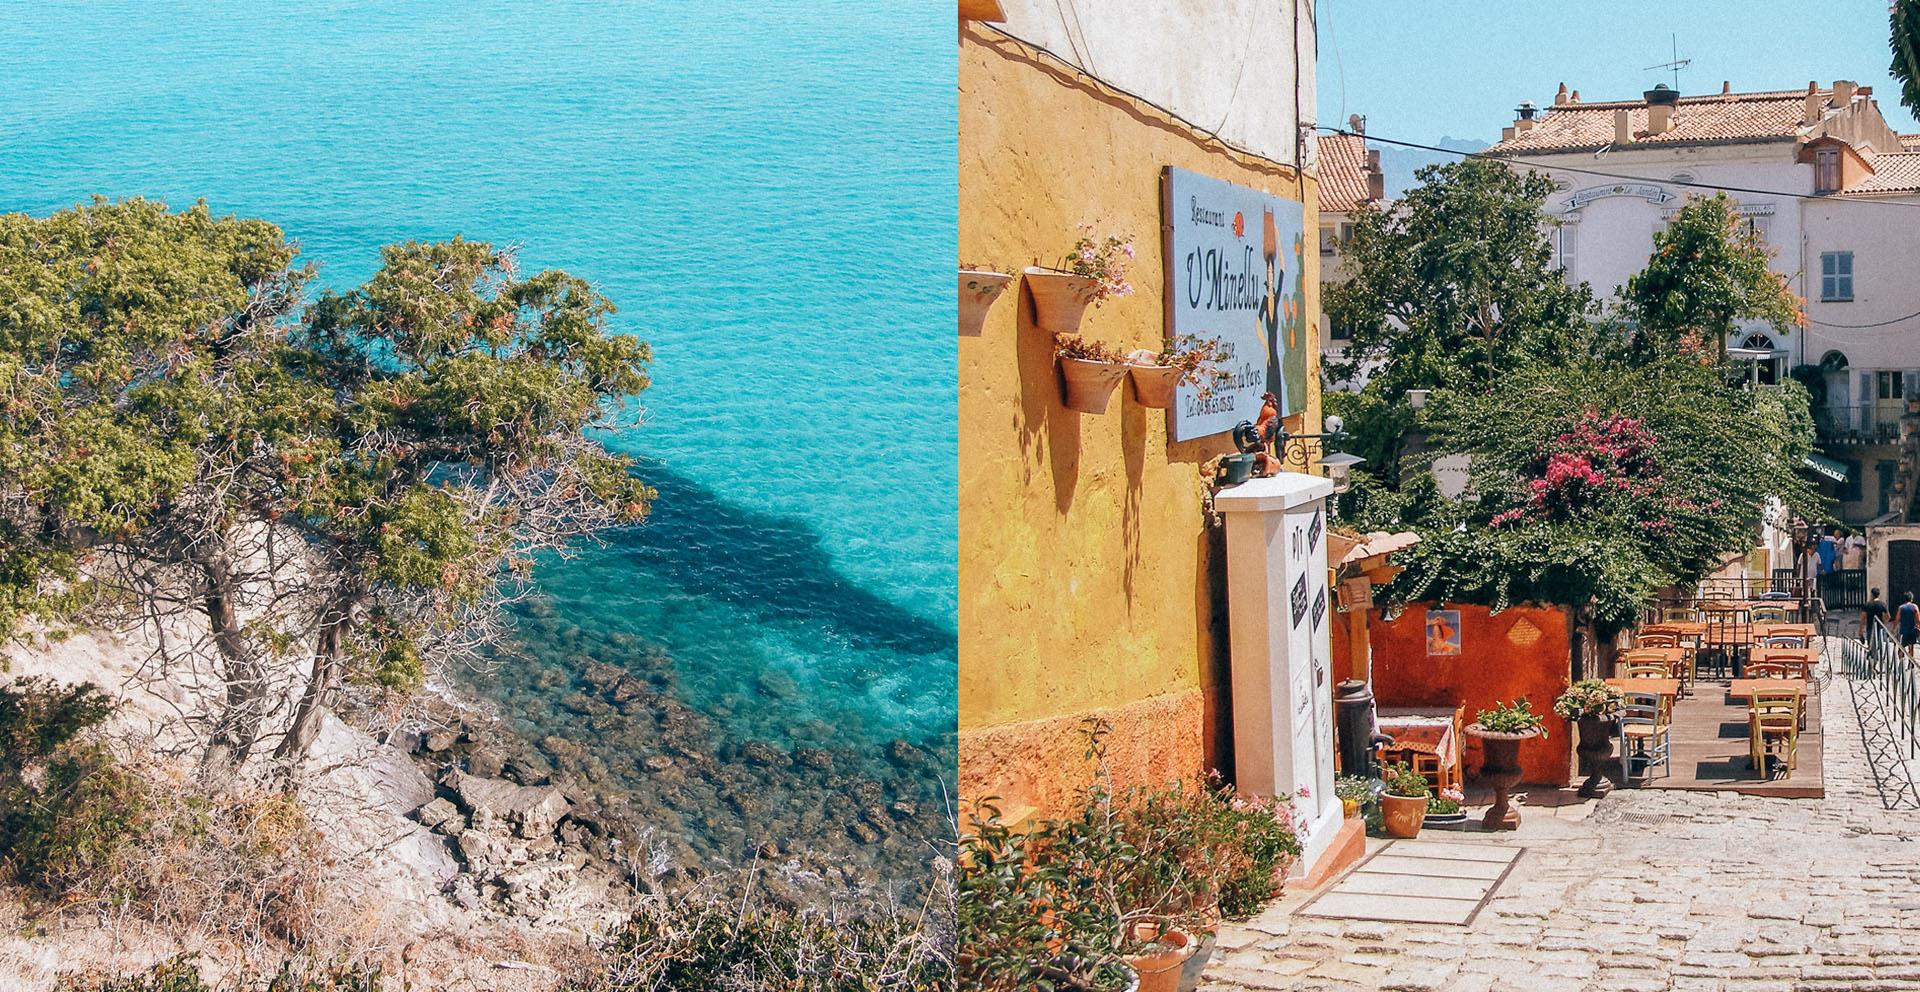 Corse 1 - Haute-Corse : Mes conseils, choses à voir, adresses...